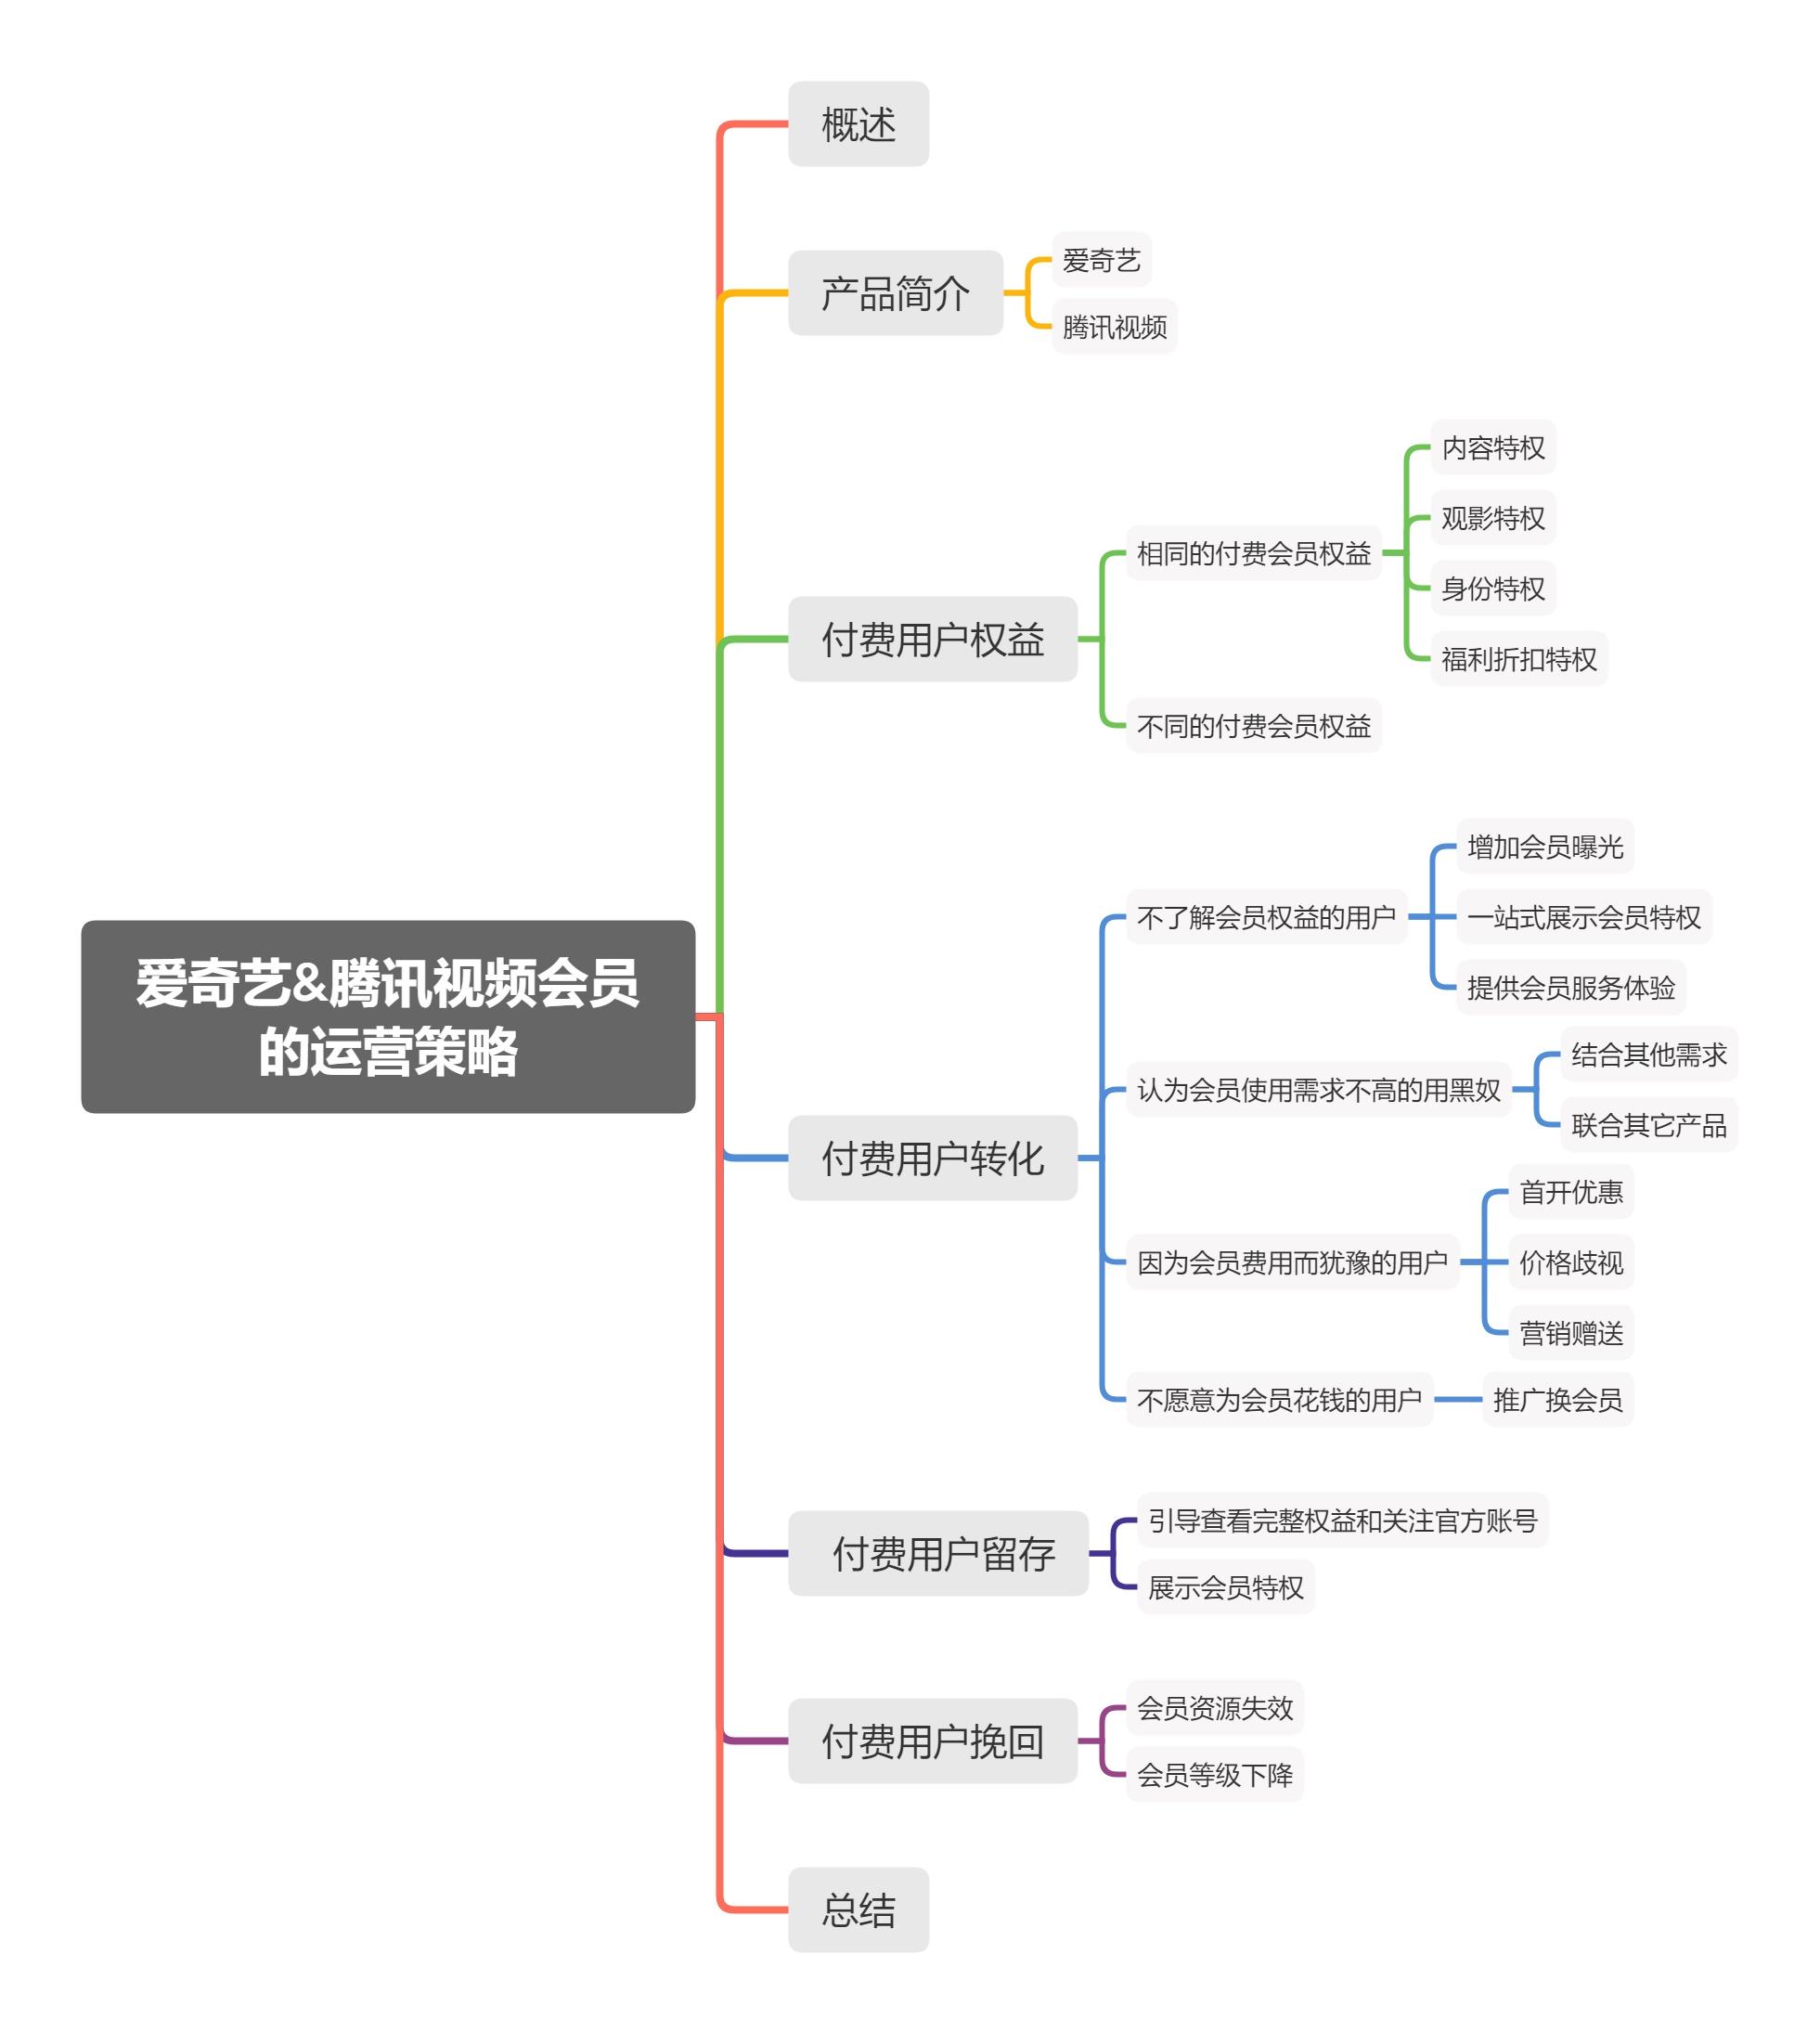 竞品分析:爱奇艺和腾讯视频会员的运营策略插图